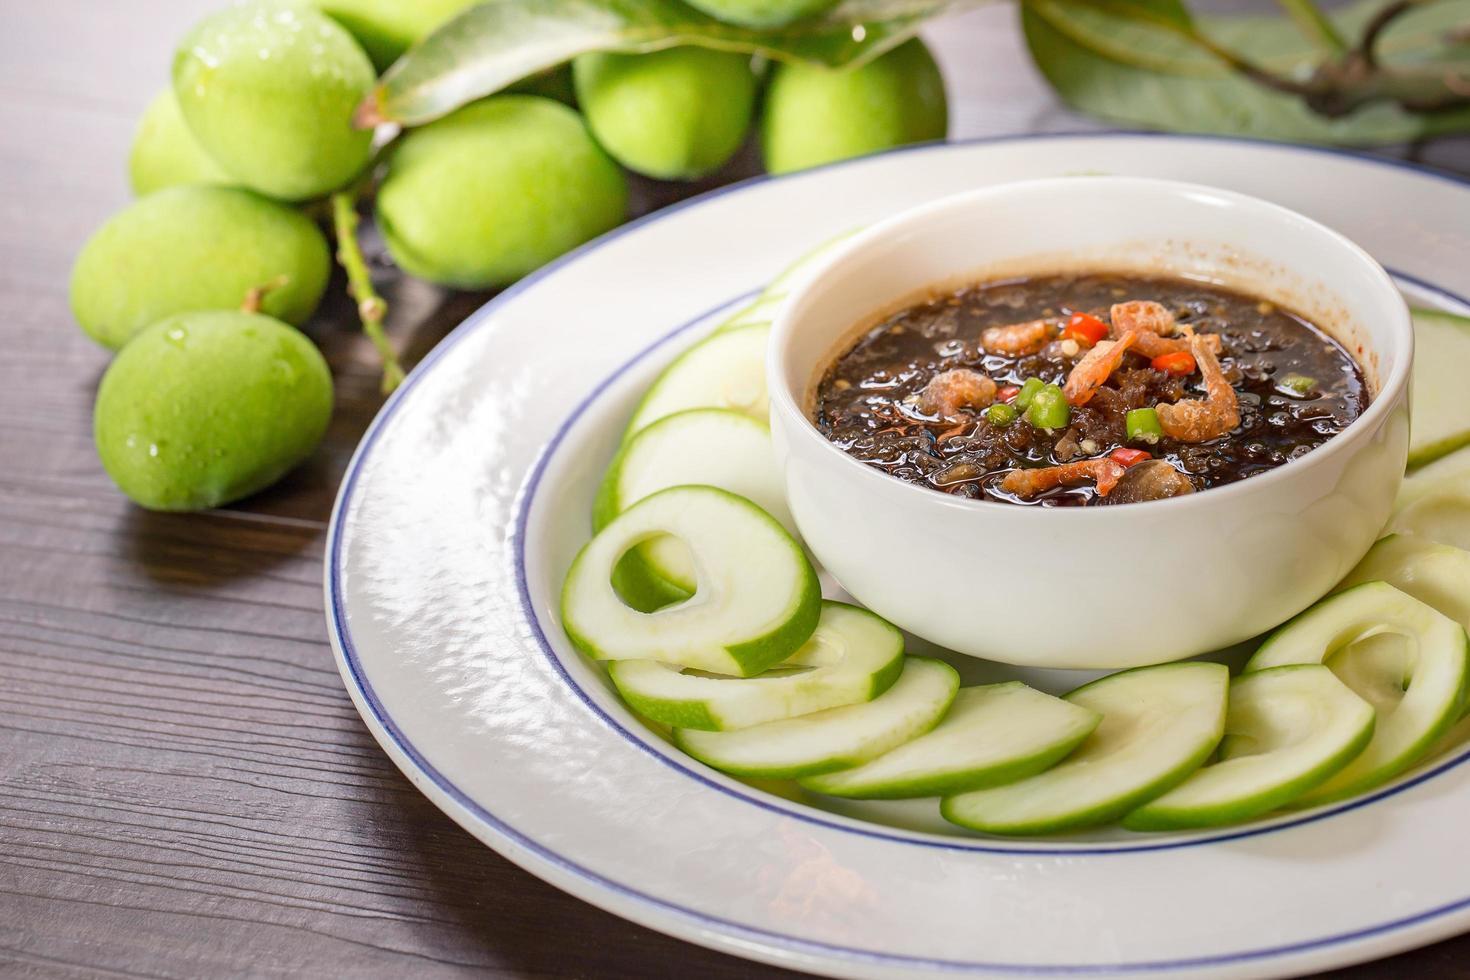 mango crudo salsa acida e dolce mescolare pasta di gamberetti, snack tailandese nel fuoco selettivo piatto bianco foto